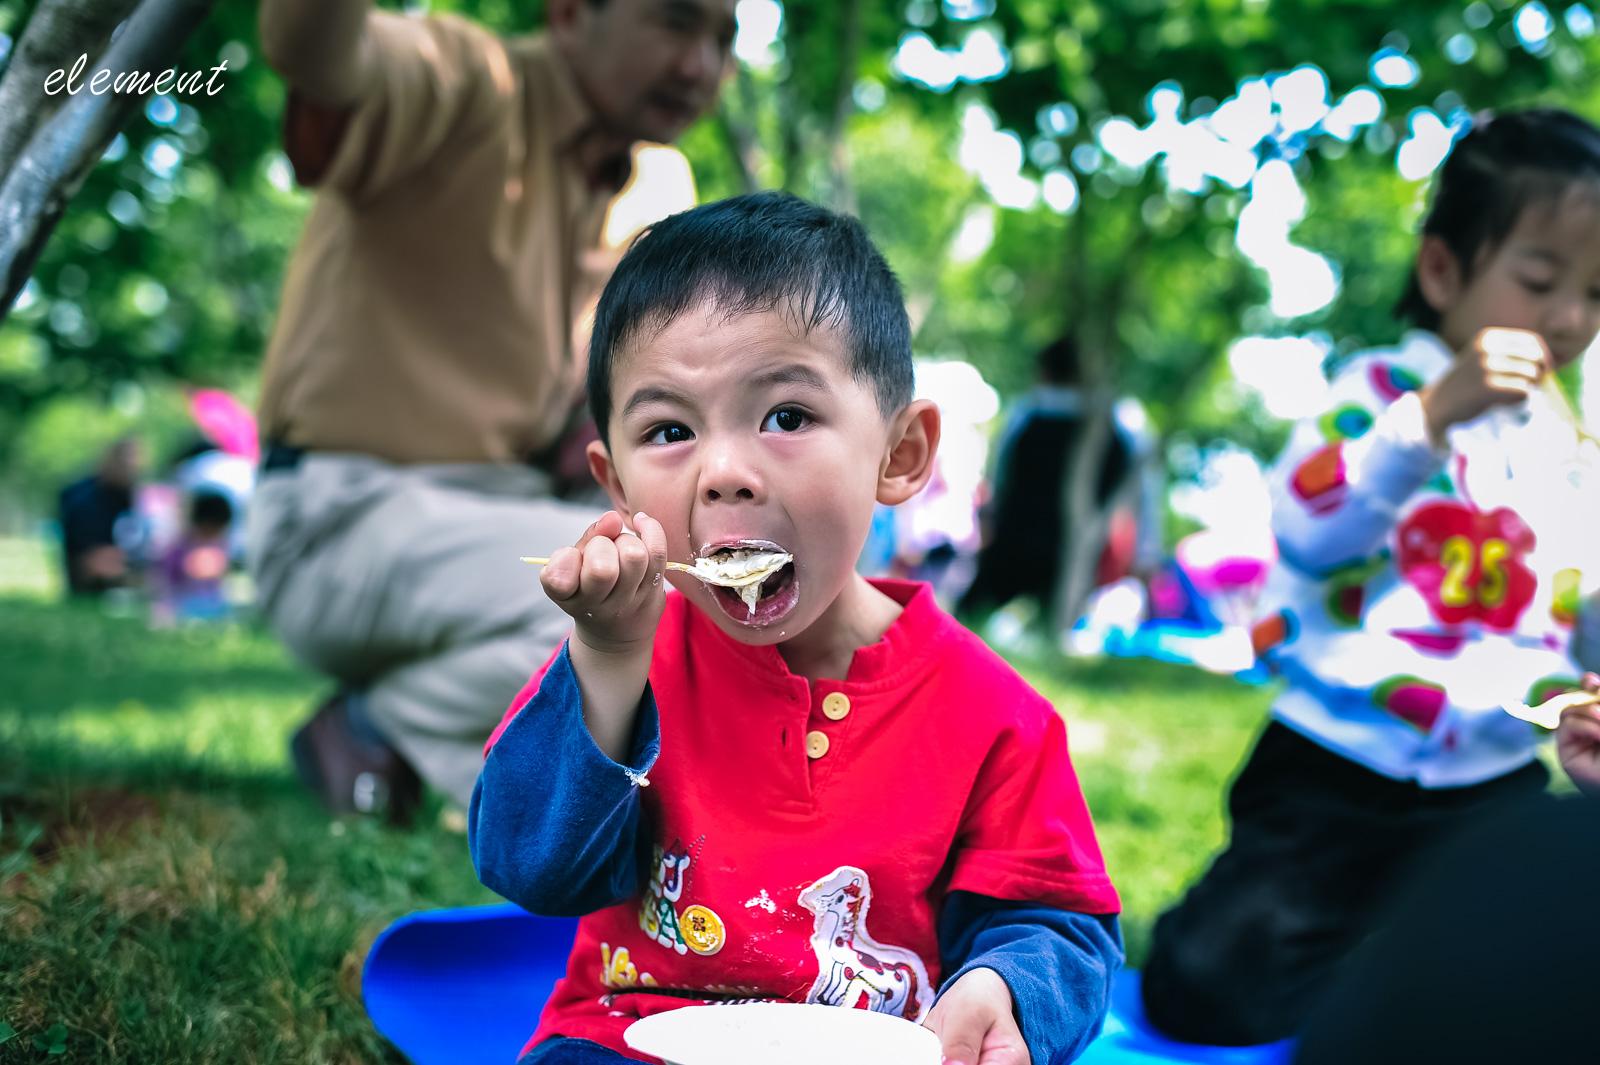 【藏地光影】到泰国清迈,来一场寓教于乐的亲子摄影之旅吧!